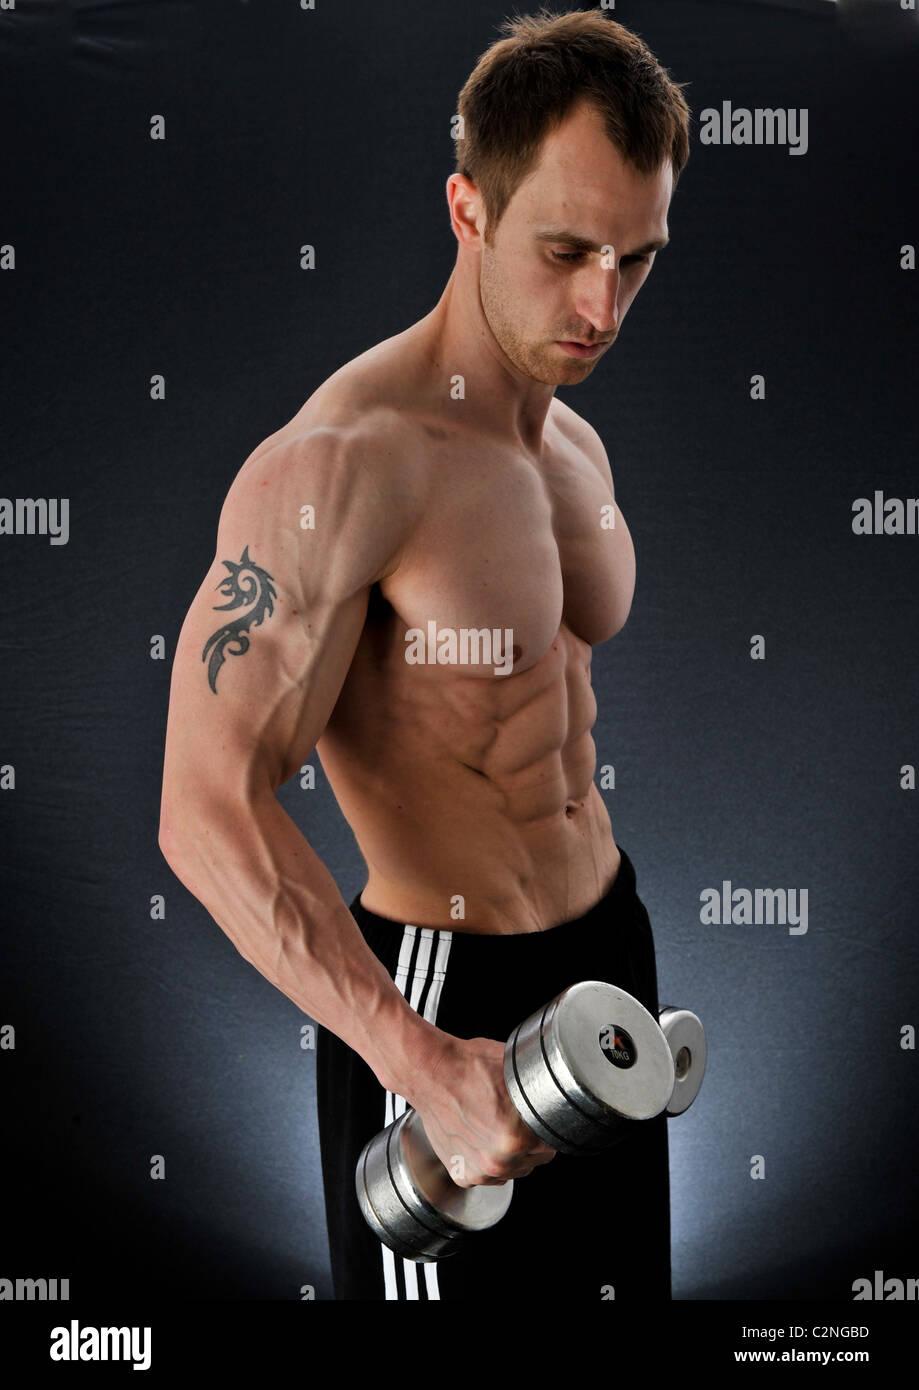 Starke schöne Bodybuilder Gewichte heben zur Verbesserung seiner Fähigkeiten trainieren, gesunde Männlichkeit Stockbild